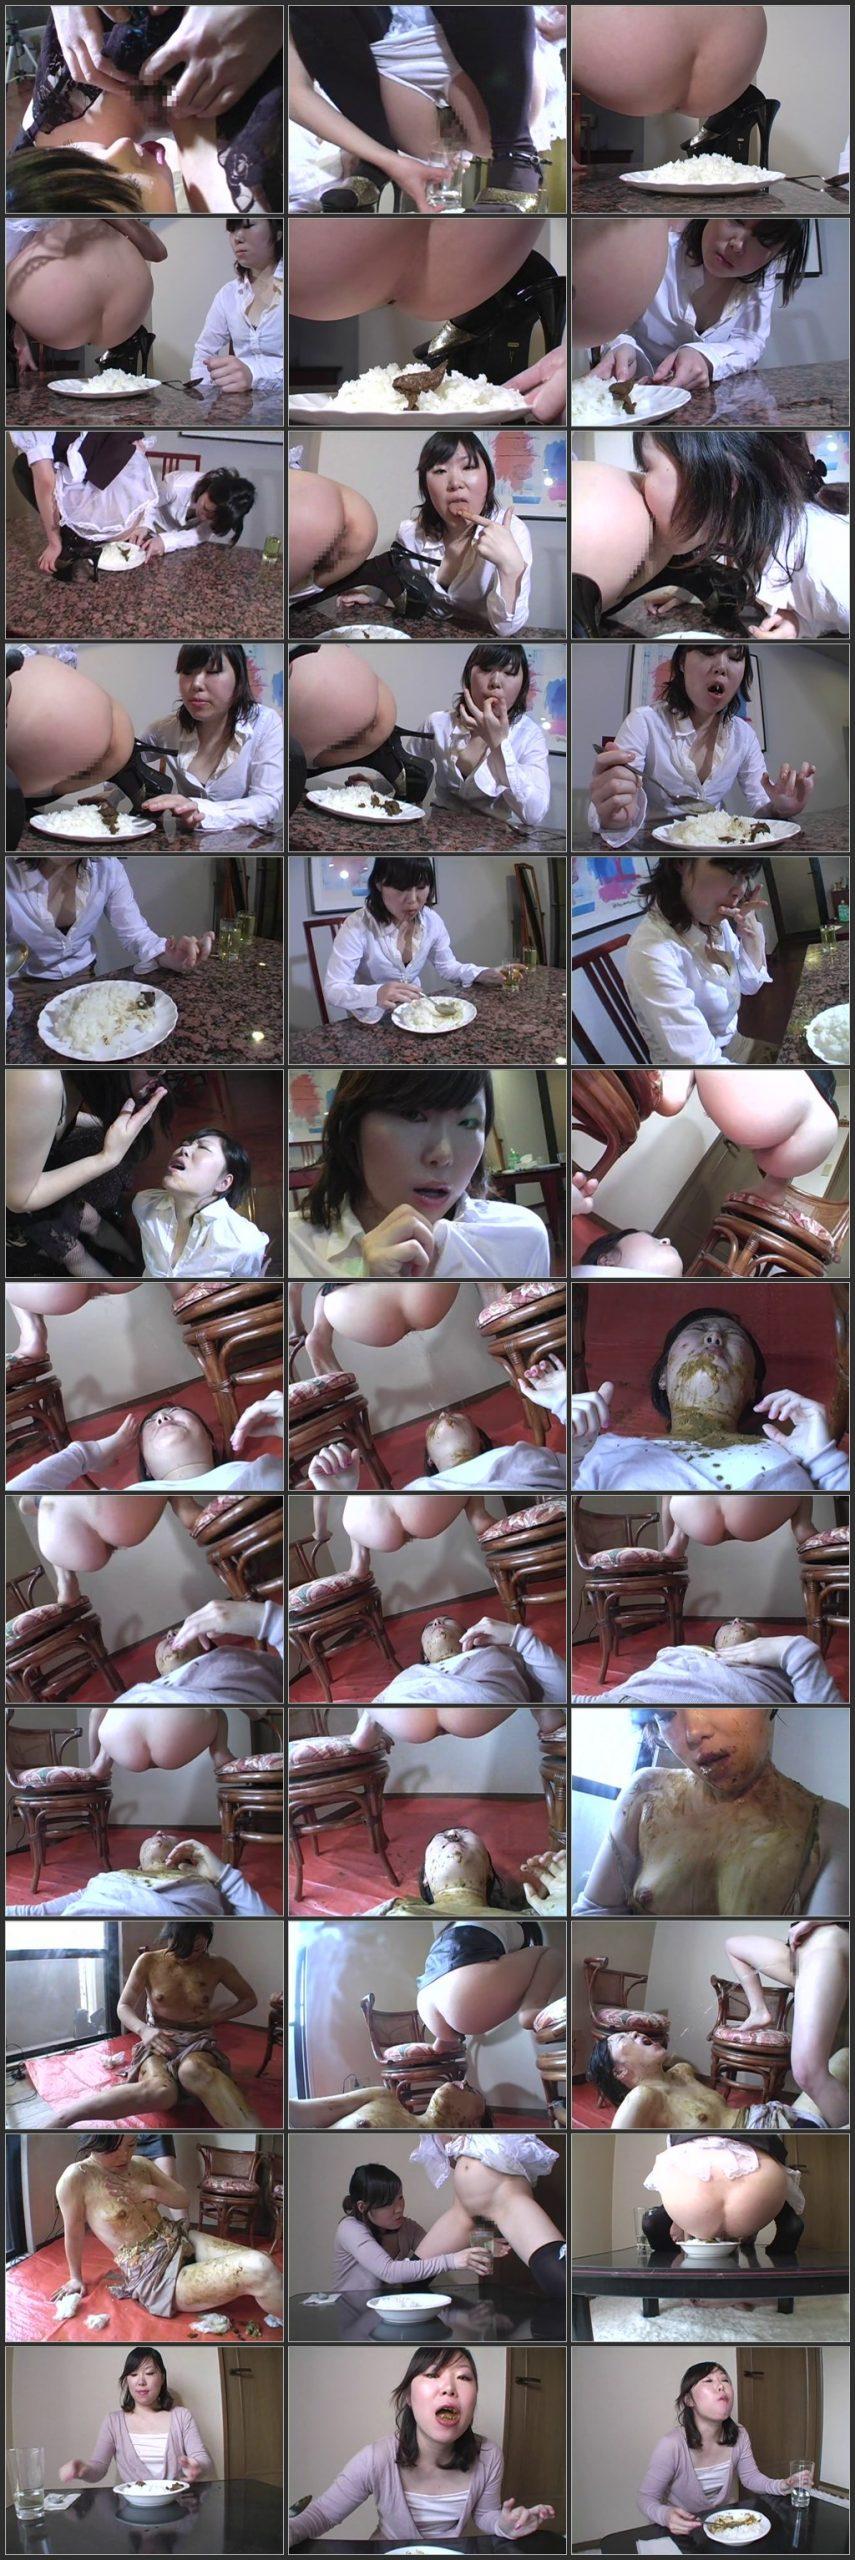 ODVK 06 t scaled - [ODVK-06] - 人の老廃物なら全て食らい尽くす女スカトロ スカトロ 脱糞 スカトロ 食糞 スカトロ 嘔吐